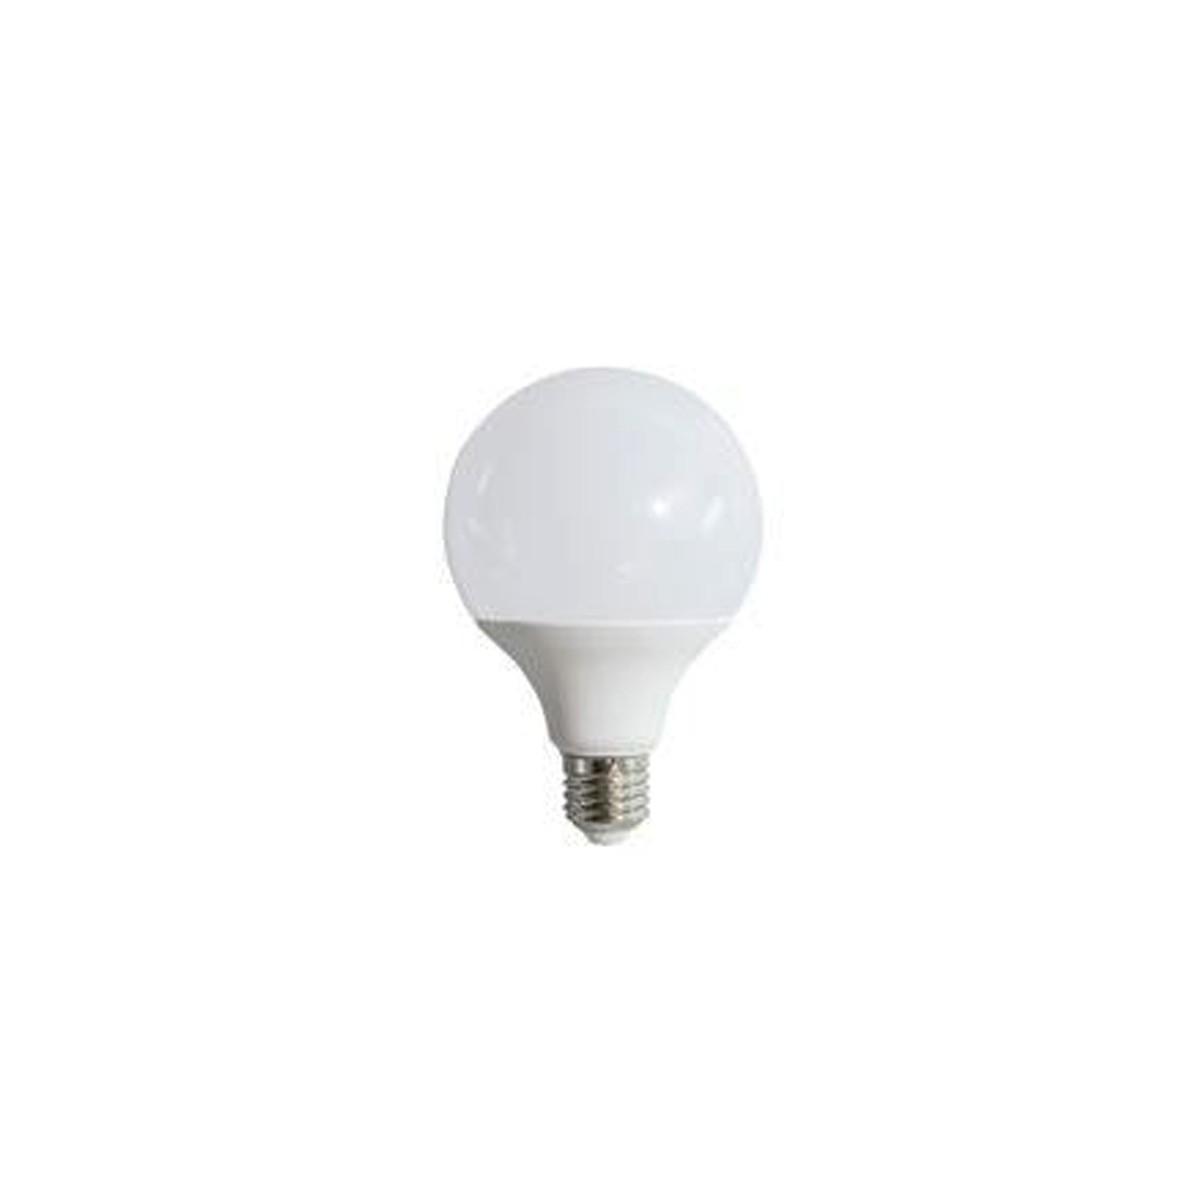 LIFE LAMPADA LED GLOBO E27 15W L.FREDDA 6500K 220V